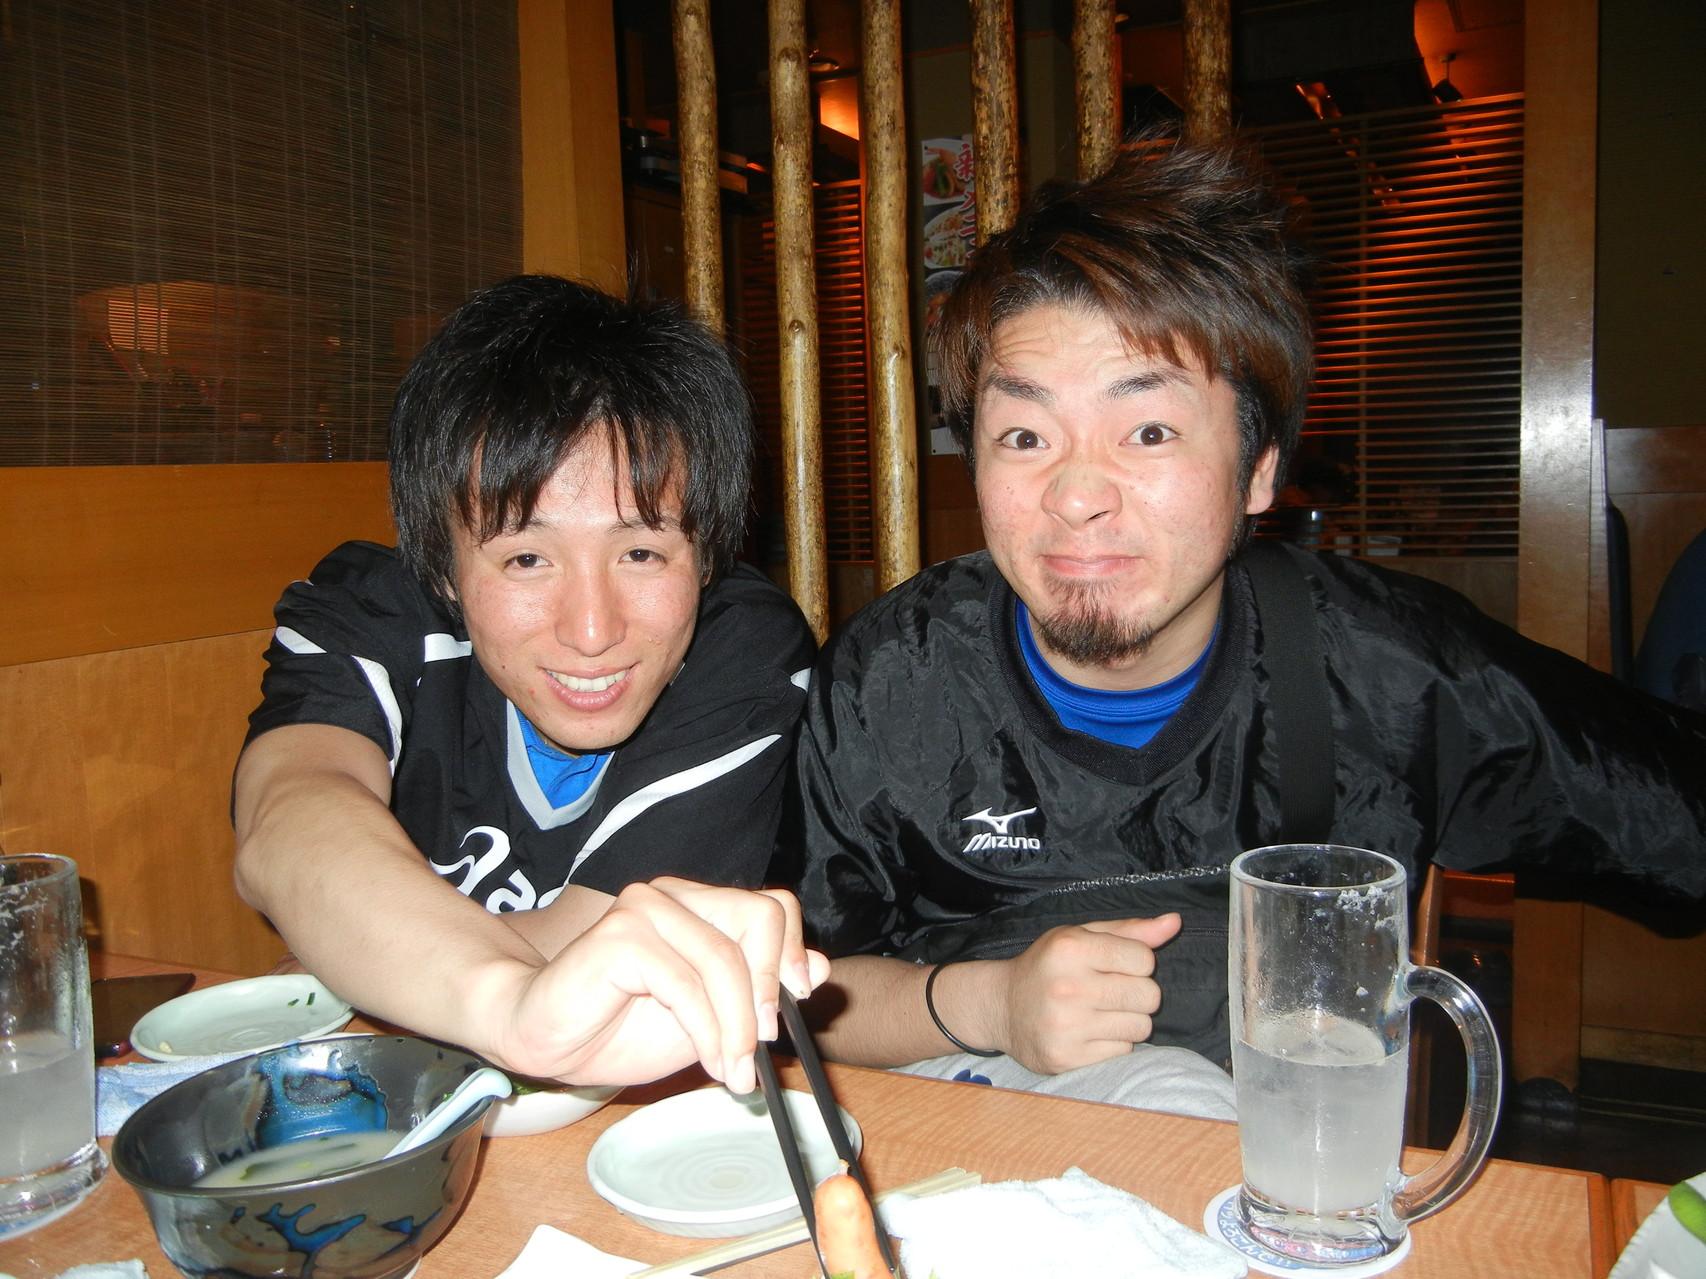 試合の後の酒はなんでこんなに美味しいんだっ!(ノ゚∇゚)ノ